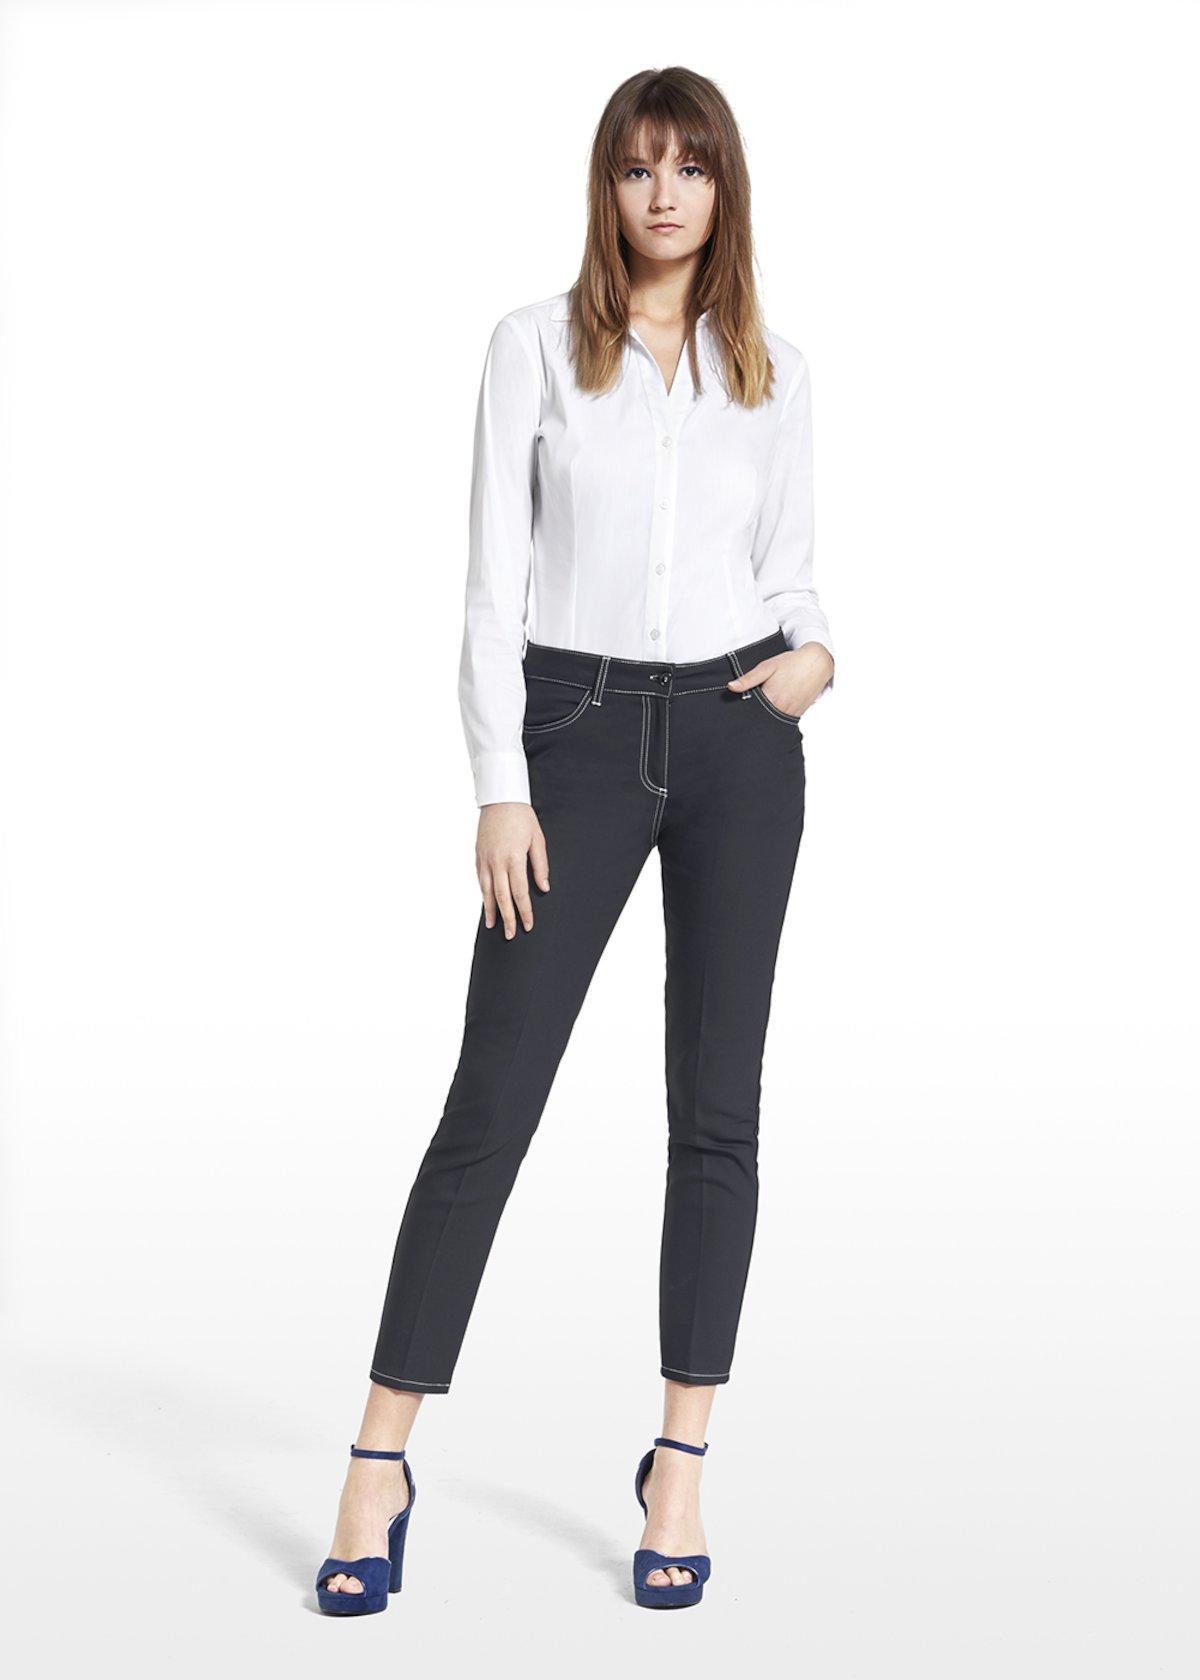 Poplin long-sleeved blouse Crizia - White - Woman